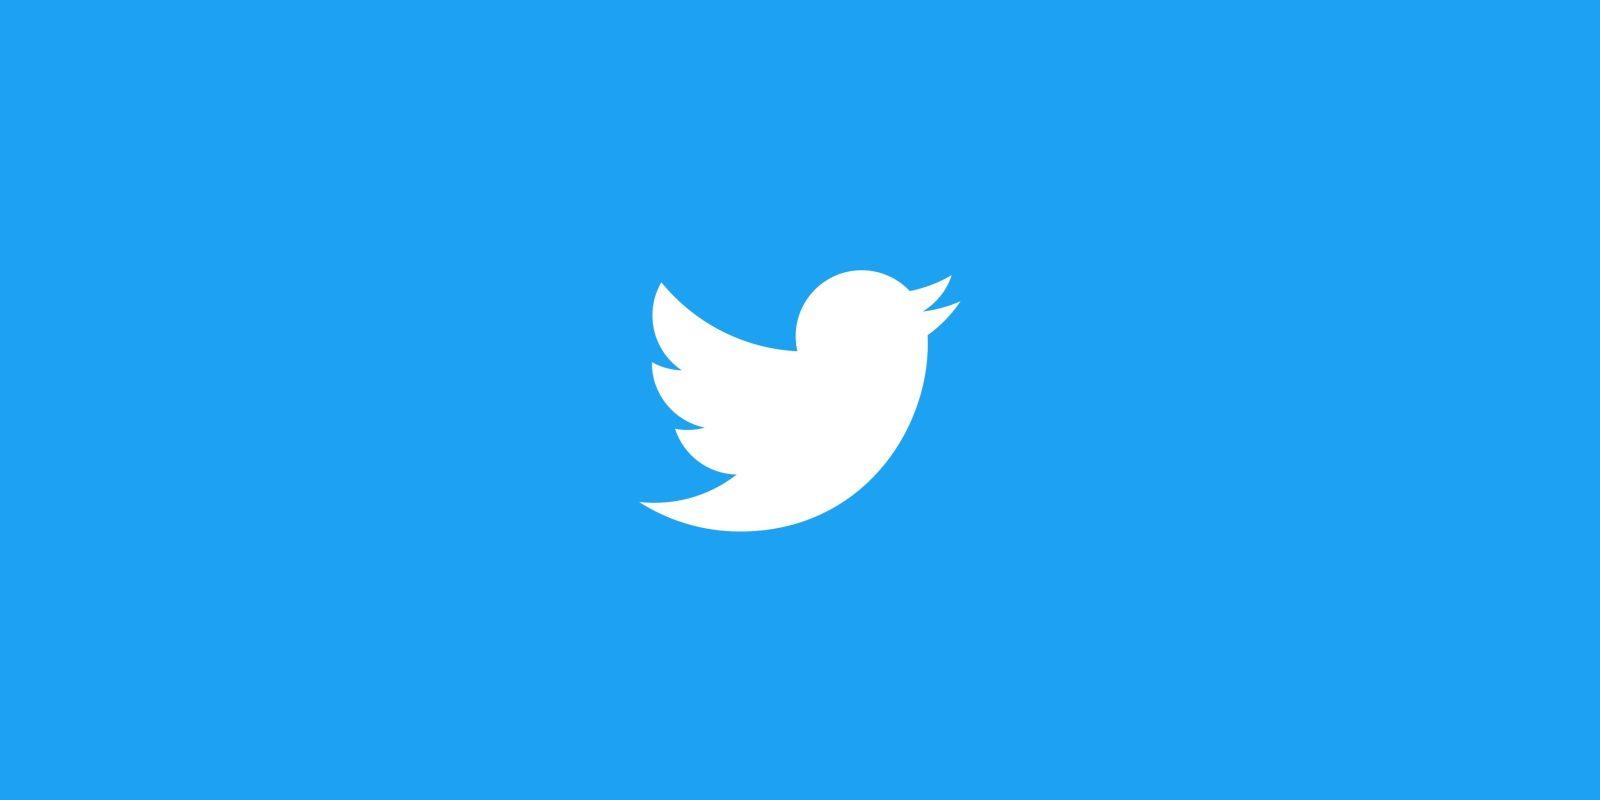 چطور حساب کاربری توییتر خود را حذف کنیم؟ 3 مرحله ساده